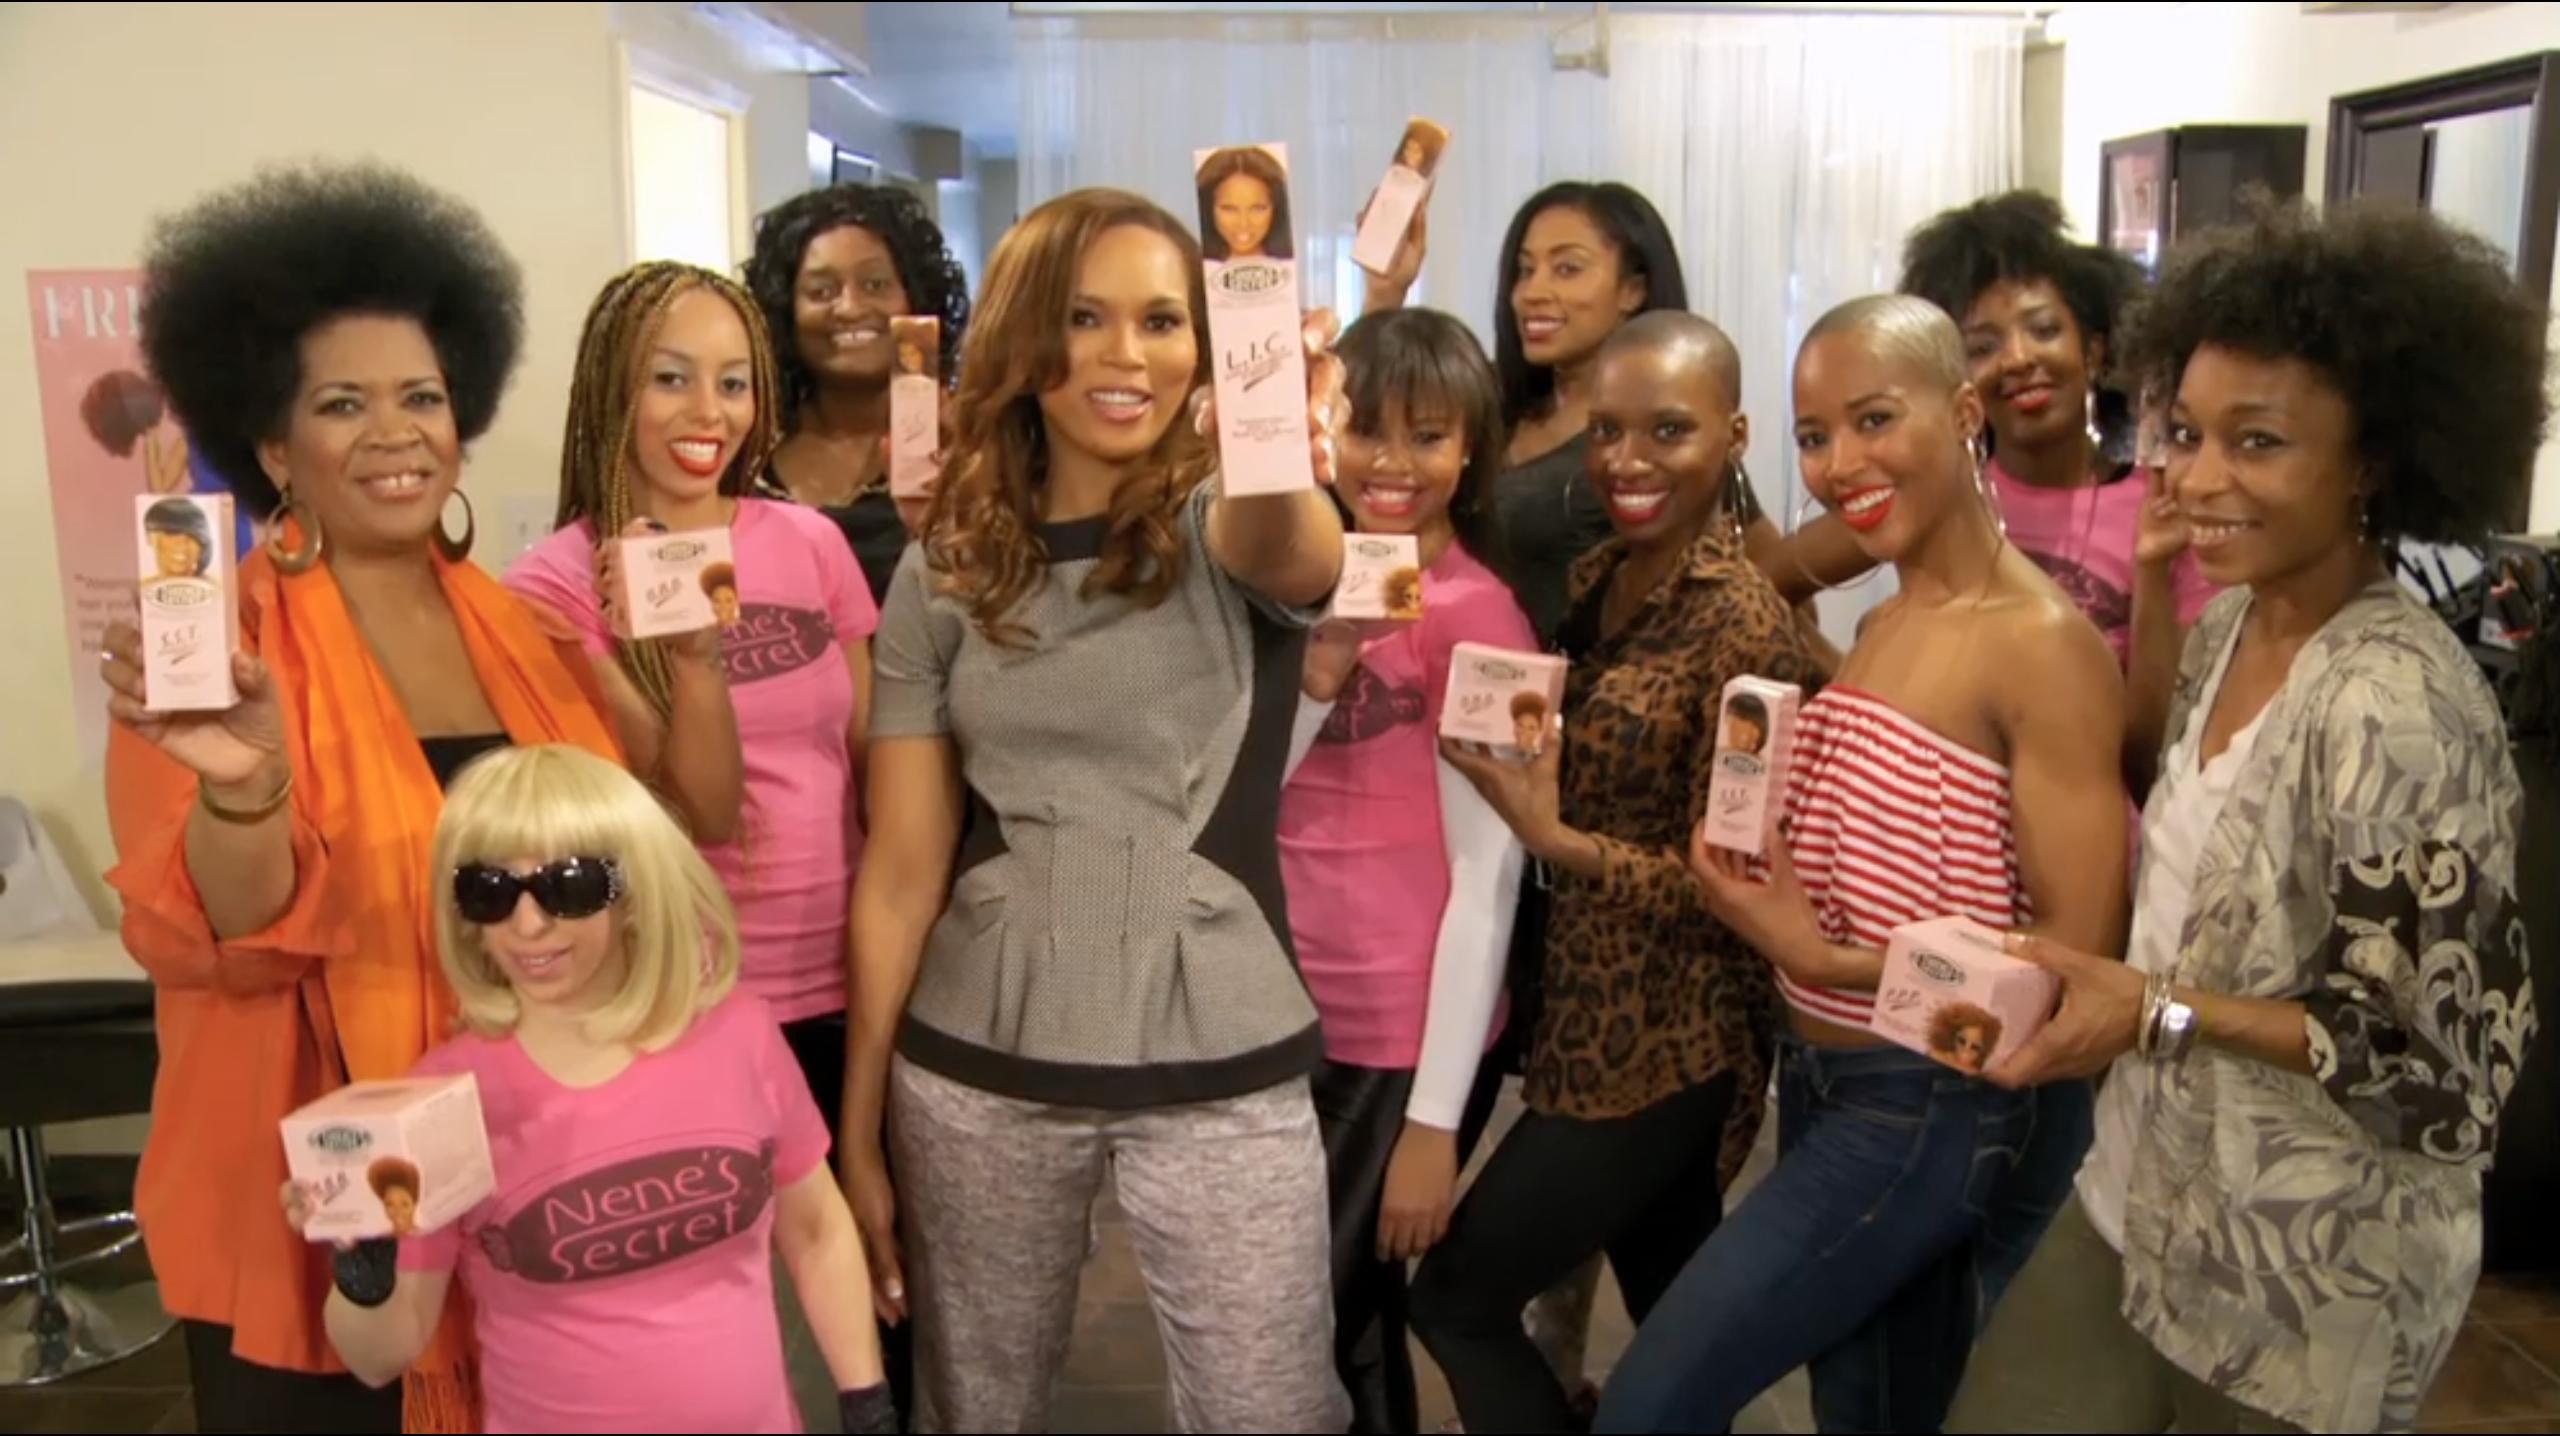 Nene s secret founder nene marks balances hair care beauty